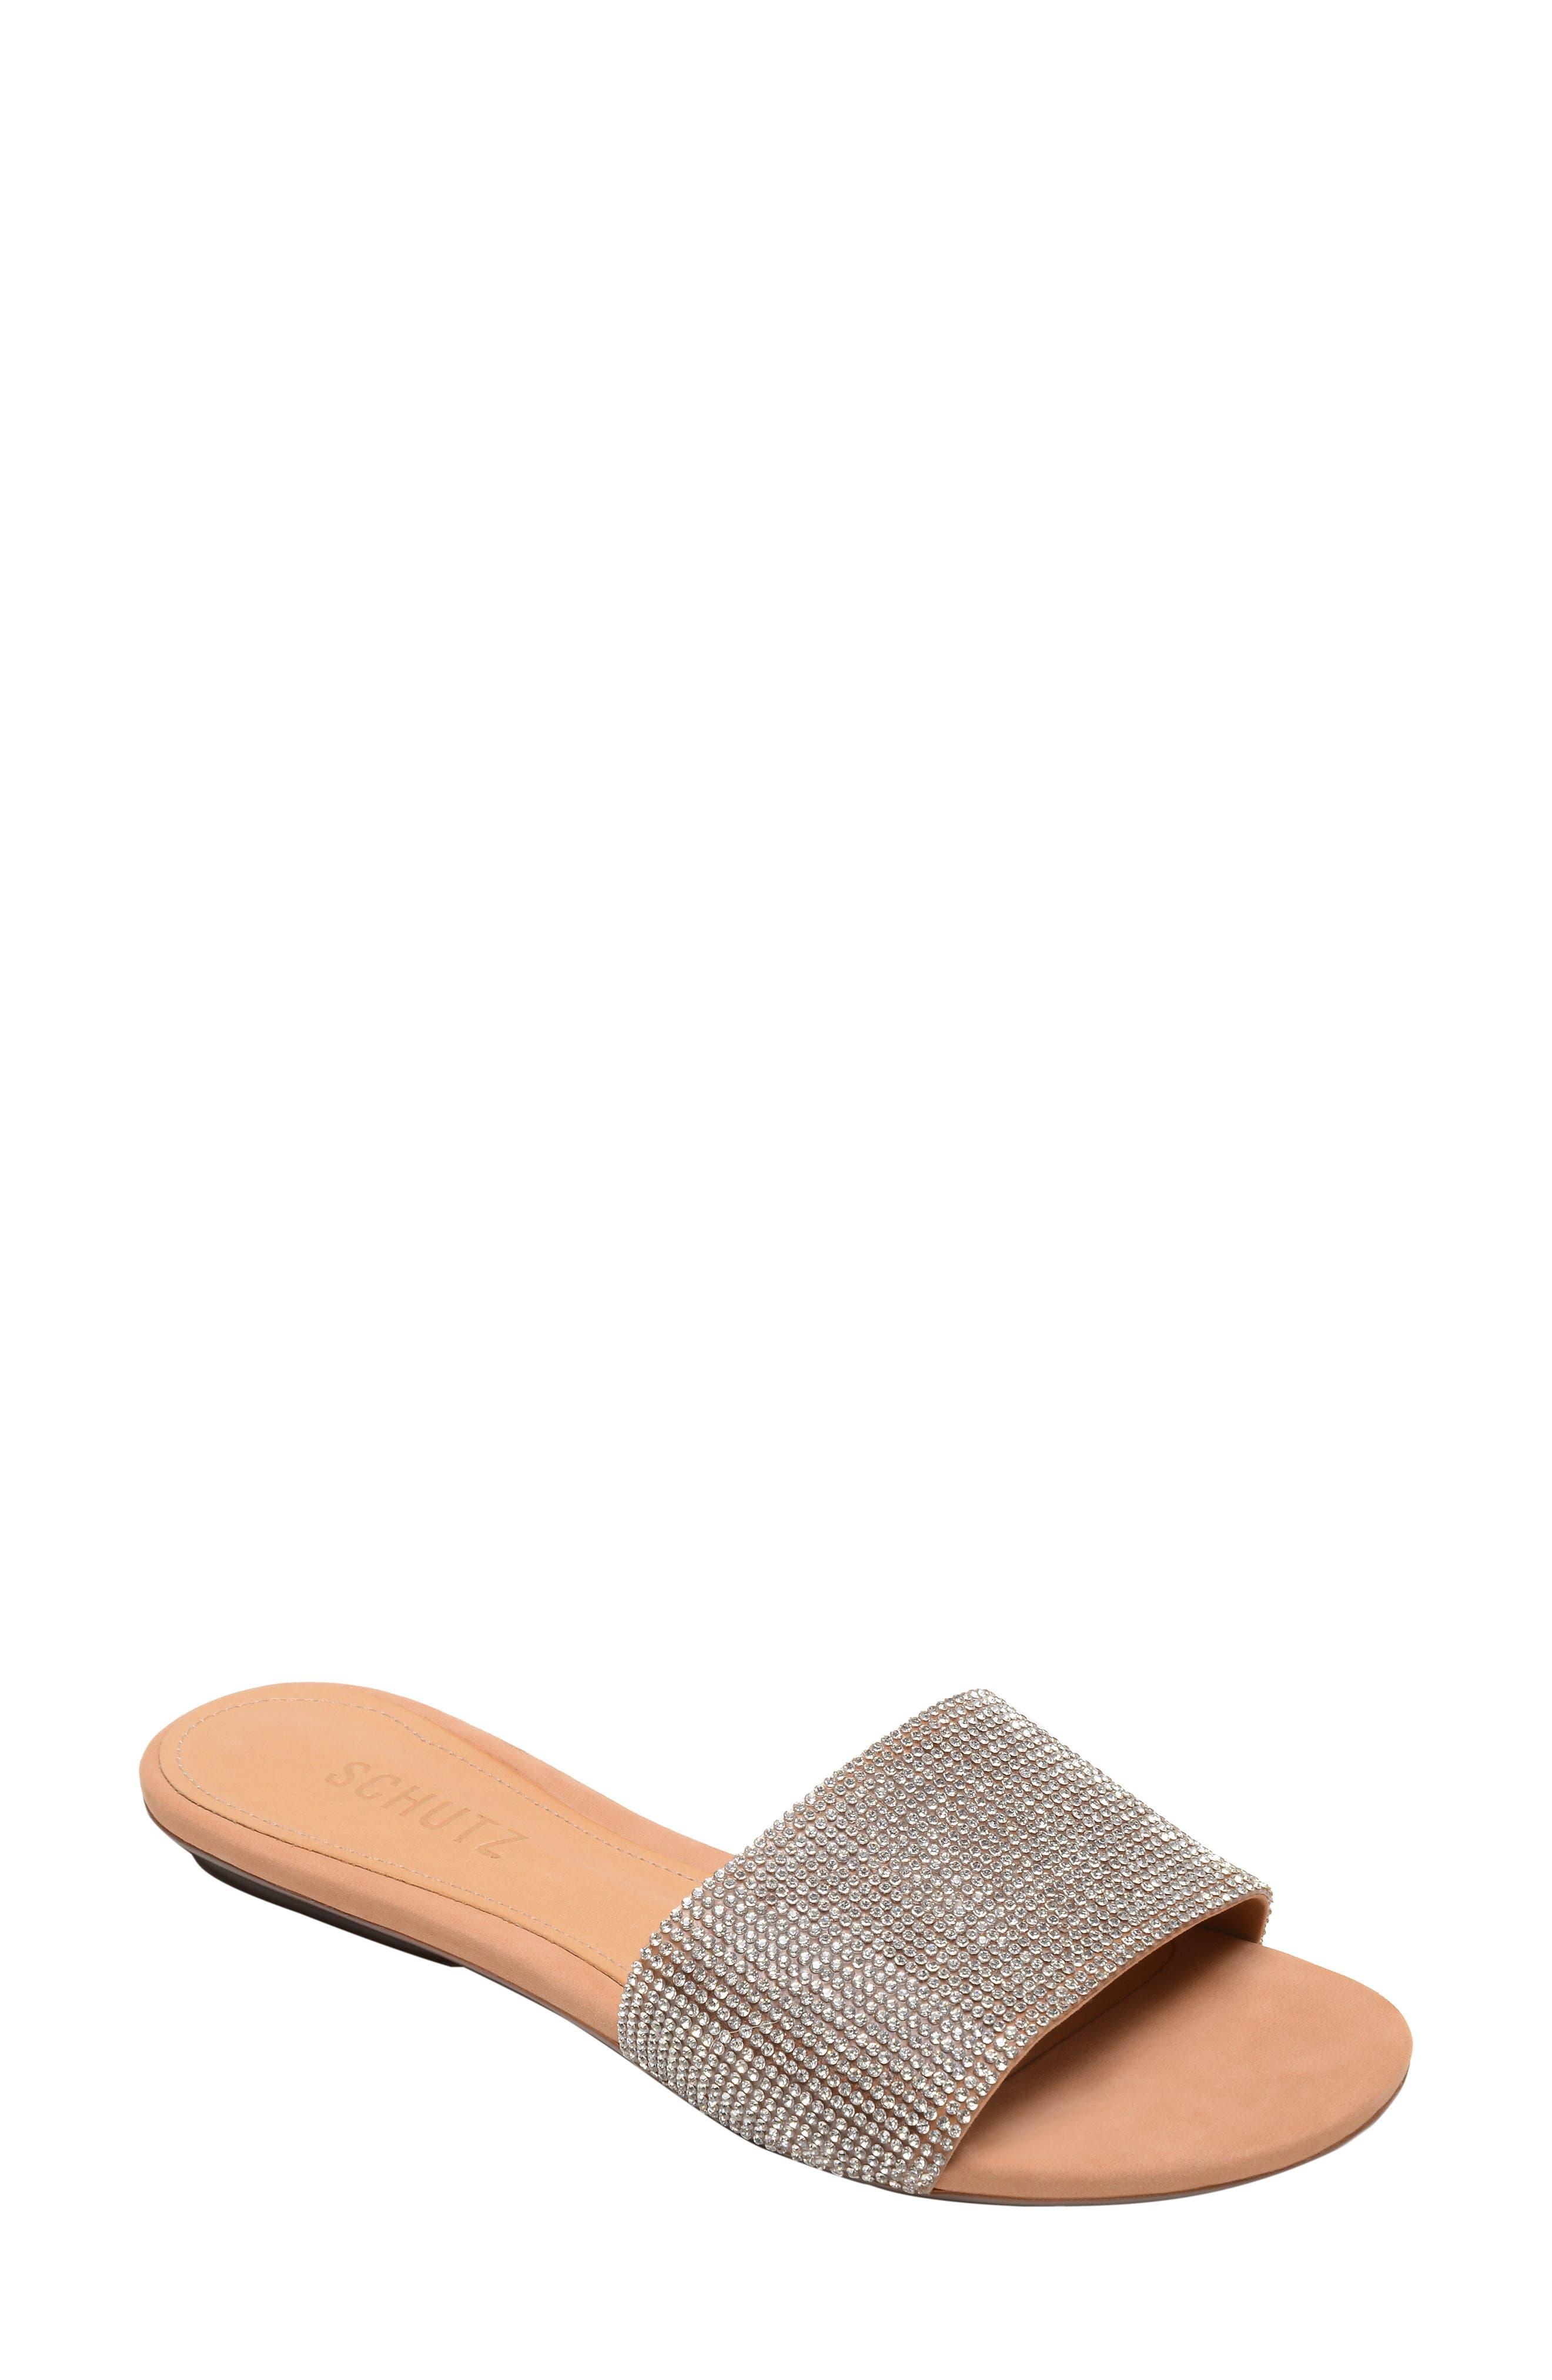 Queren Embellished Slide Sandal,                         Main,                         color, CRISTAL